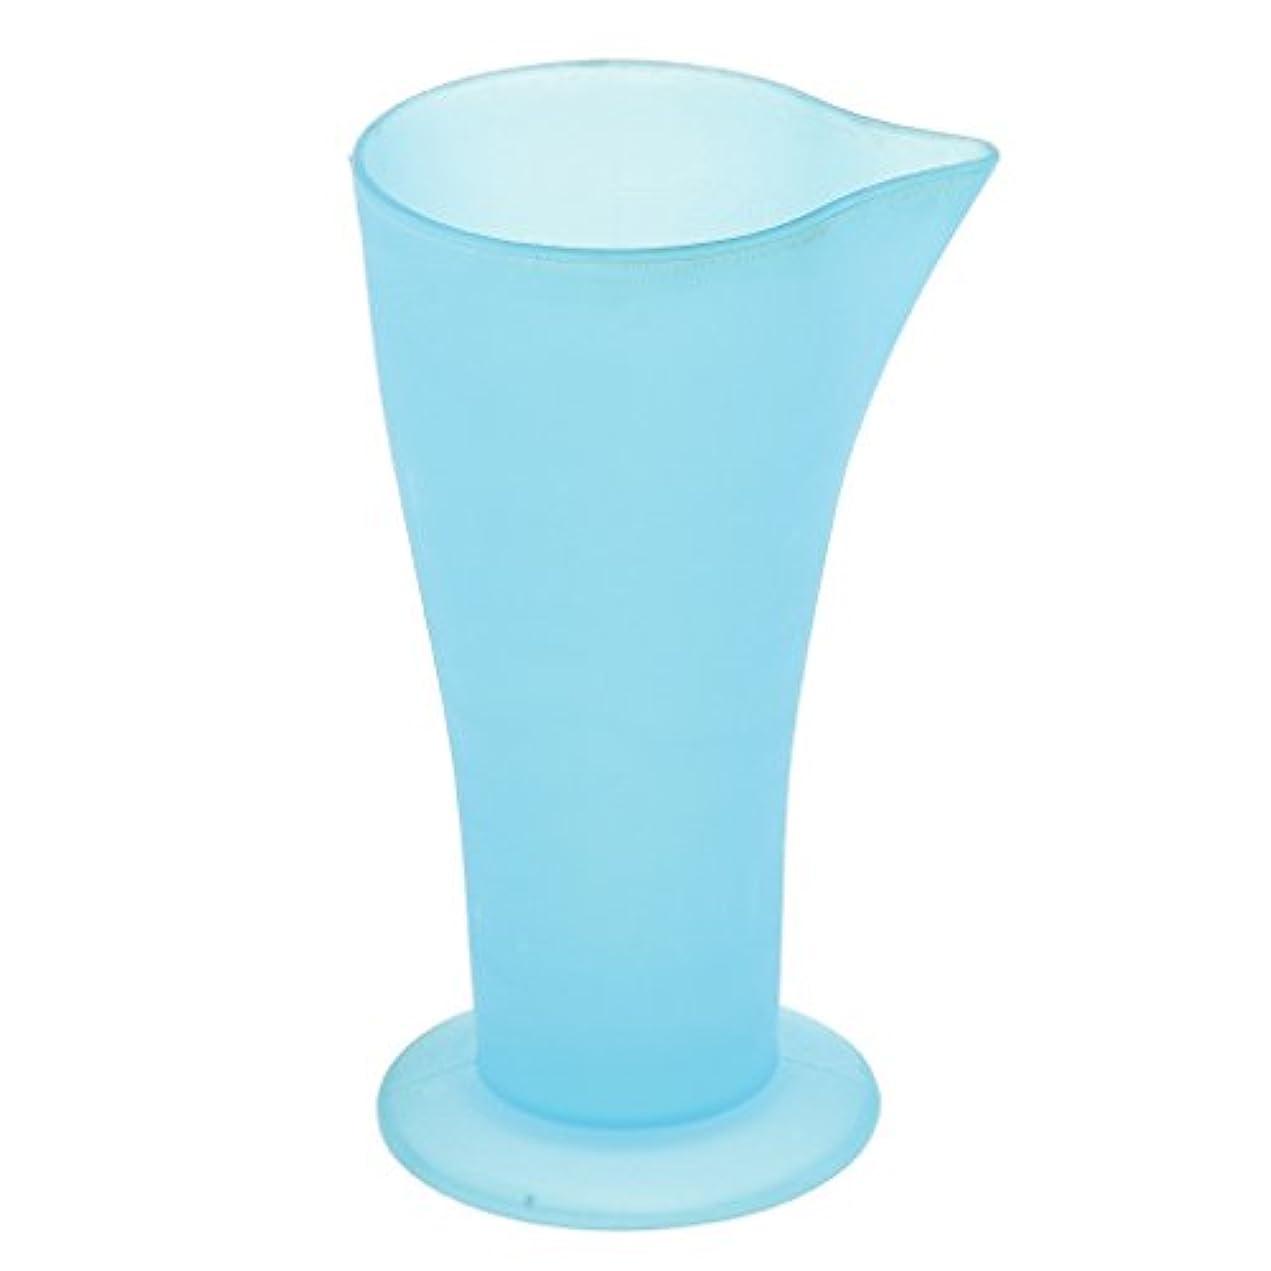 感謝するデコレーション急速なPerfk 計量カップ ヘアダイカップ ブルー プラスチック 再使用可能 髪型 サロン 髪の色合い 色の混合用